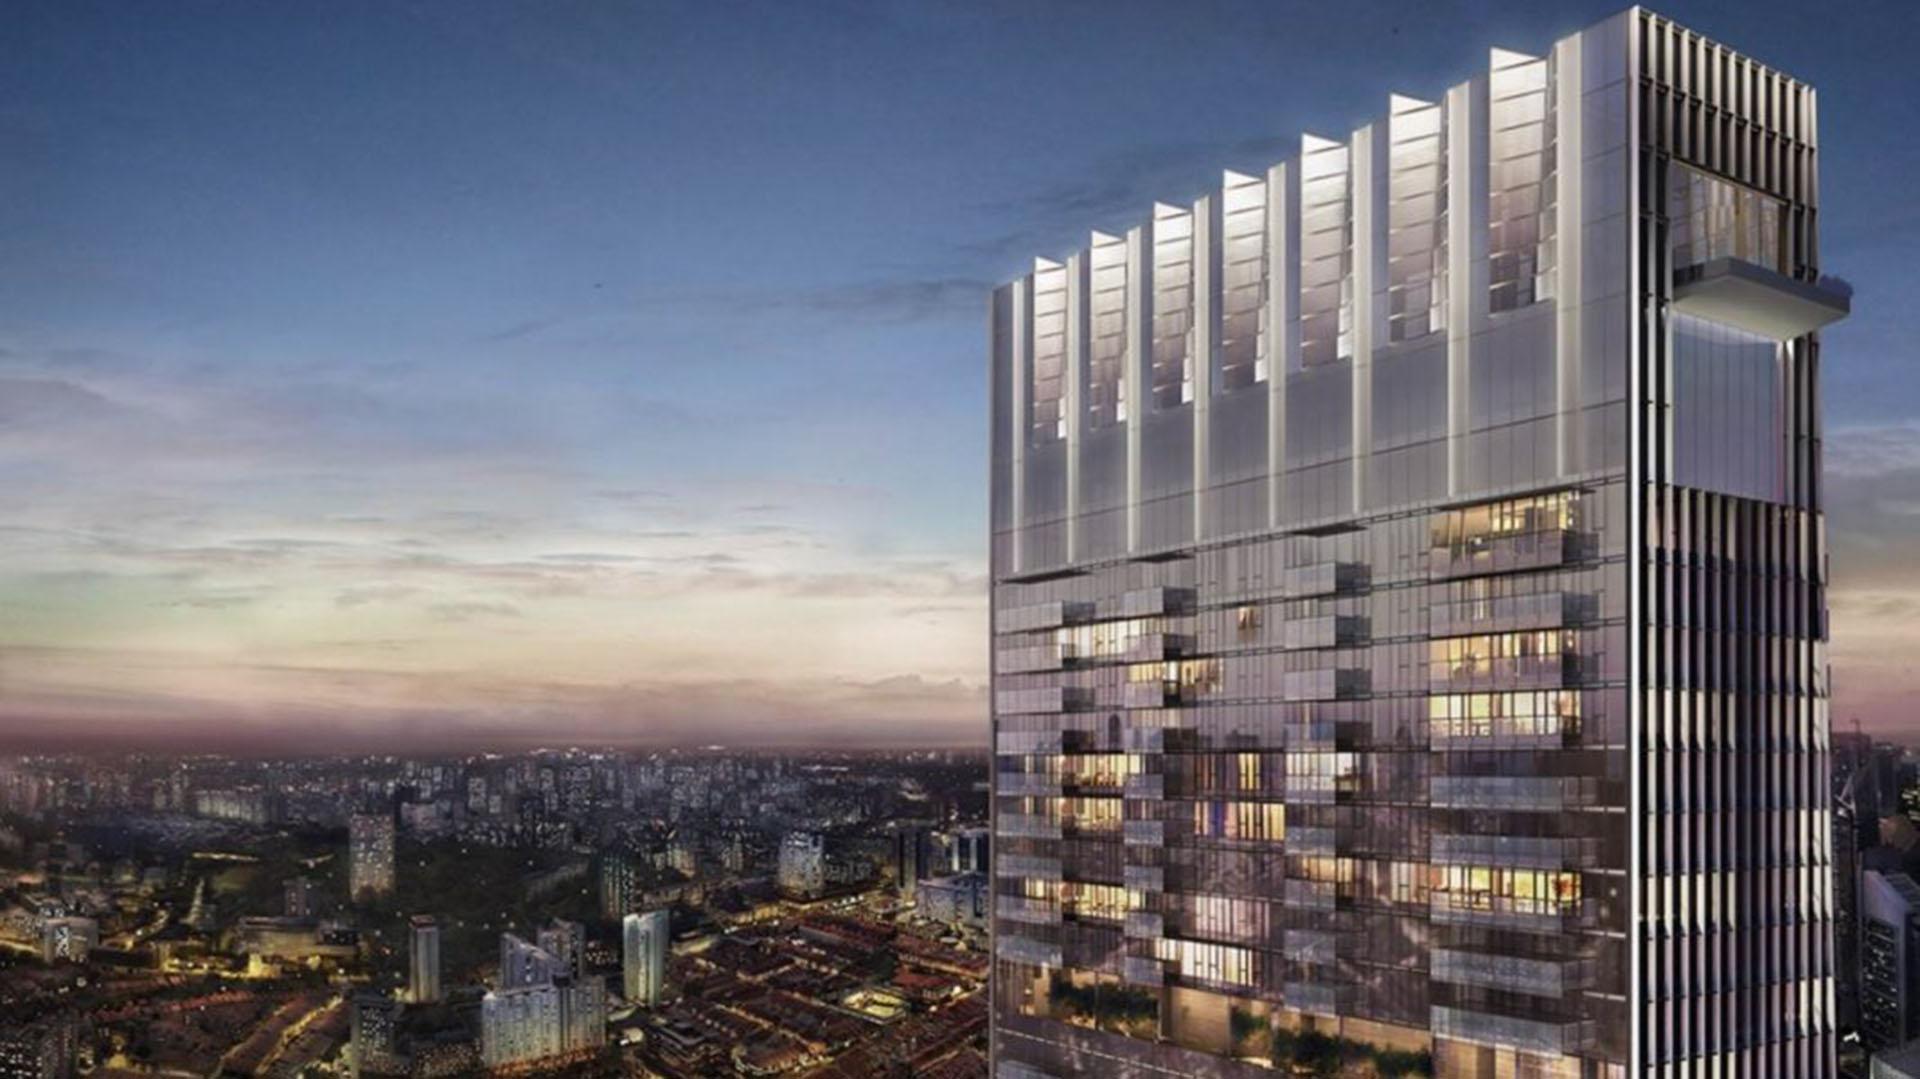 Este apartamento lujoso en la residencia Wallich, con ascensor privado, ocupa las tres últimas plantas de una torre de 64 pisos y 290 metros de alto, que se encuentra en el centro financiero de la ciudad y ofrece una vista panorámica (Sotheby's Realty website)